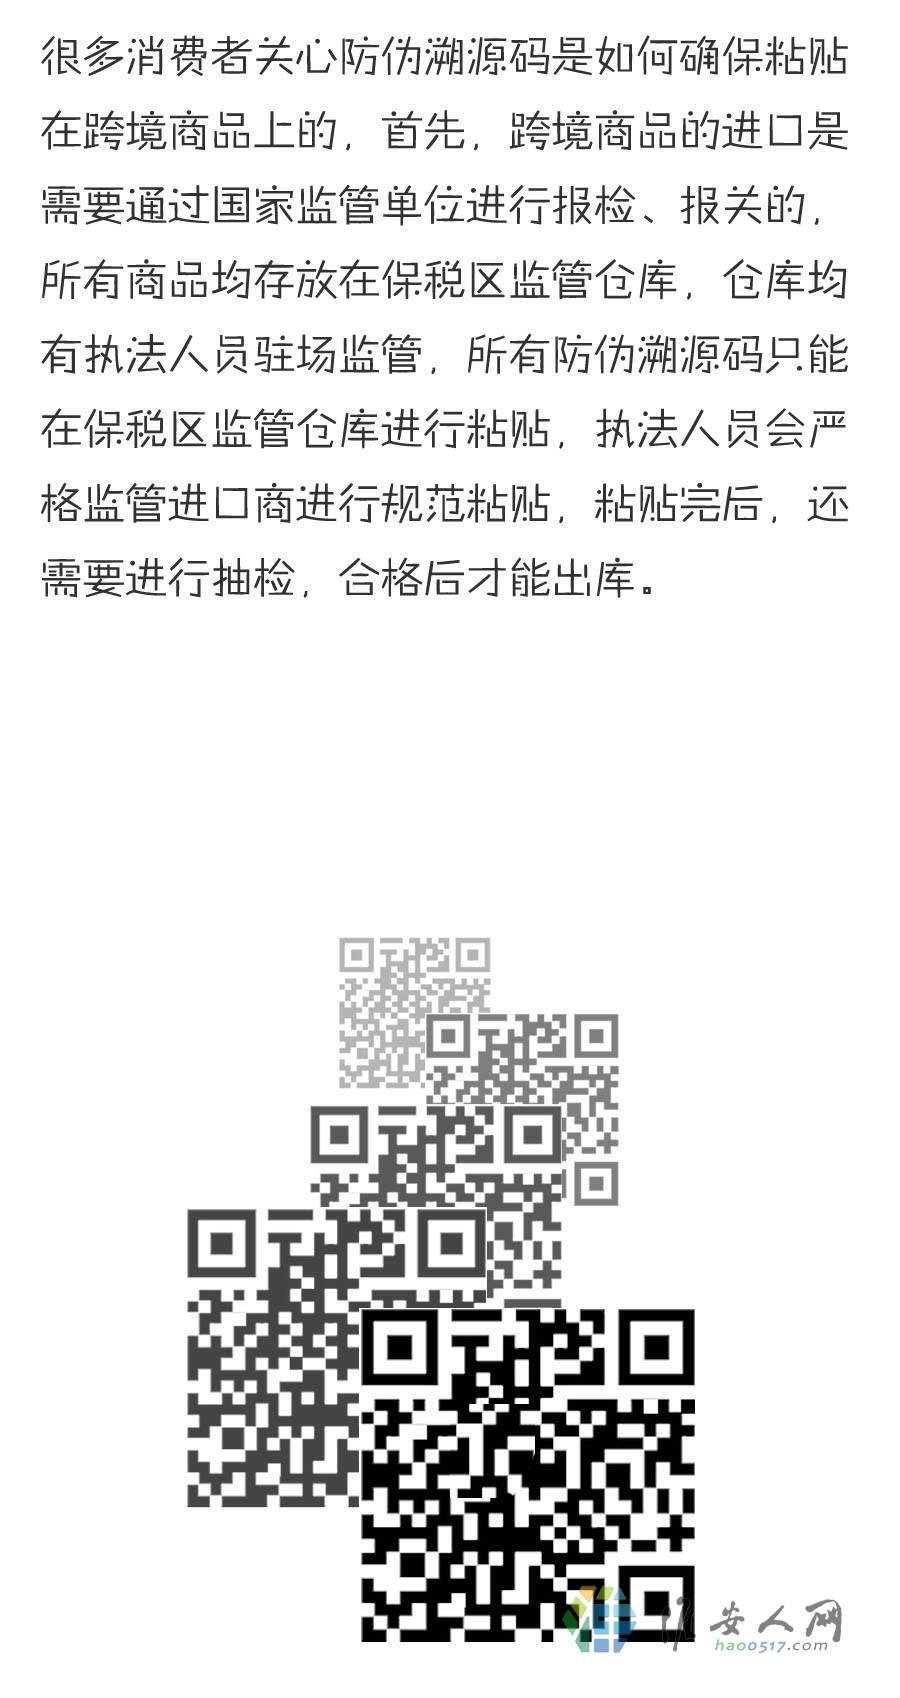 """扫一扫溯源码,可知进口商品""""身世""""_06.jpg"""